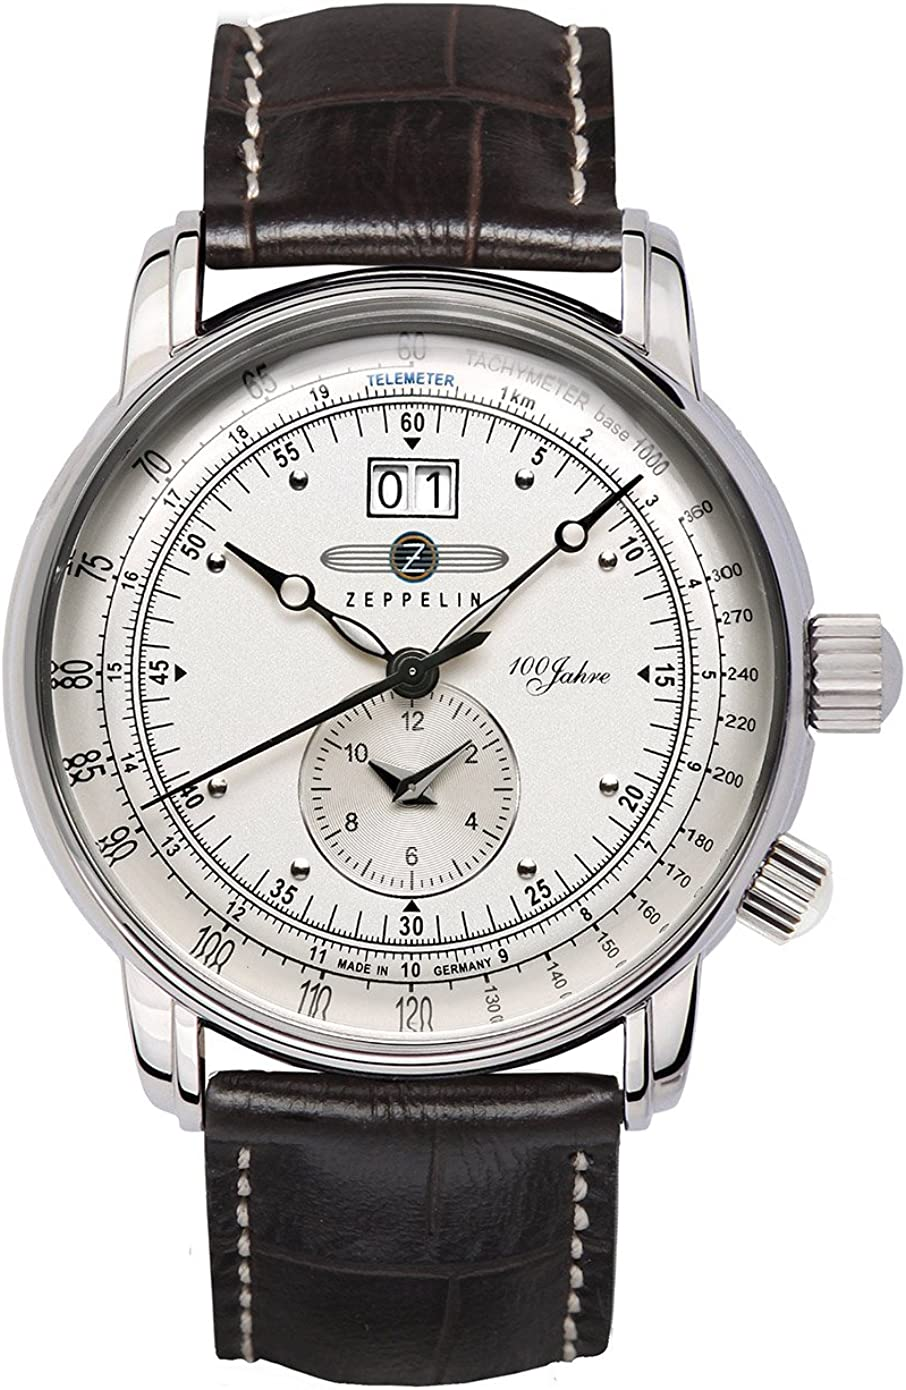 Zeppelin Reloj Analógico de Cuarzo para Hombre con Correa de Piel – 7640-1